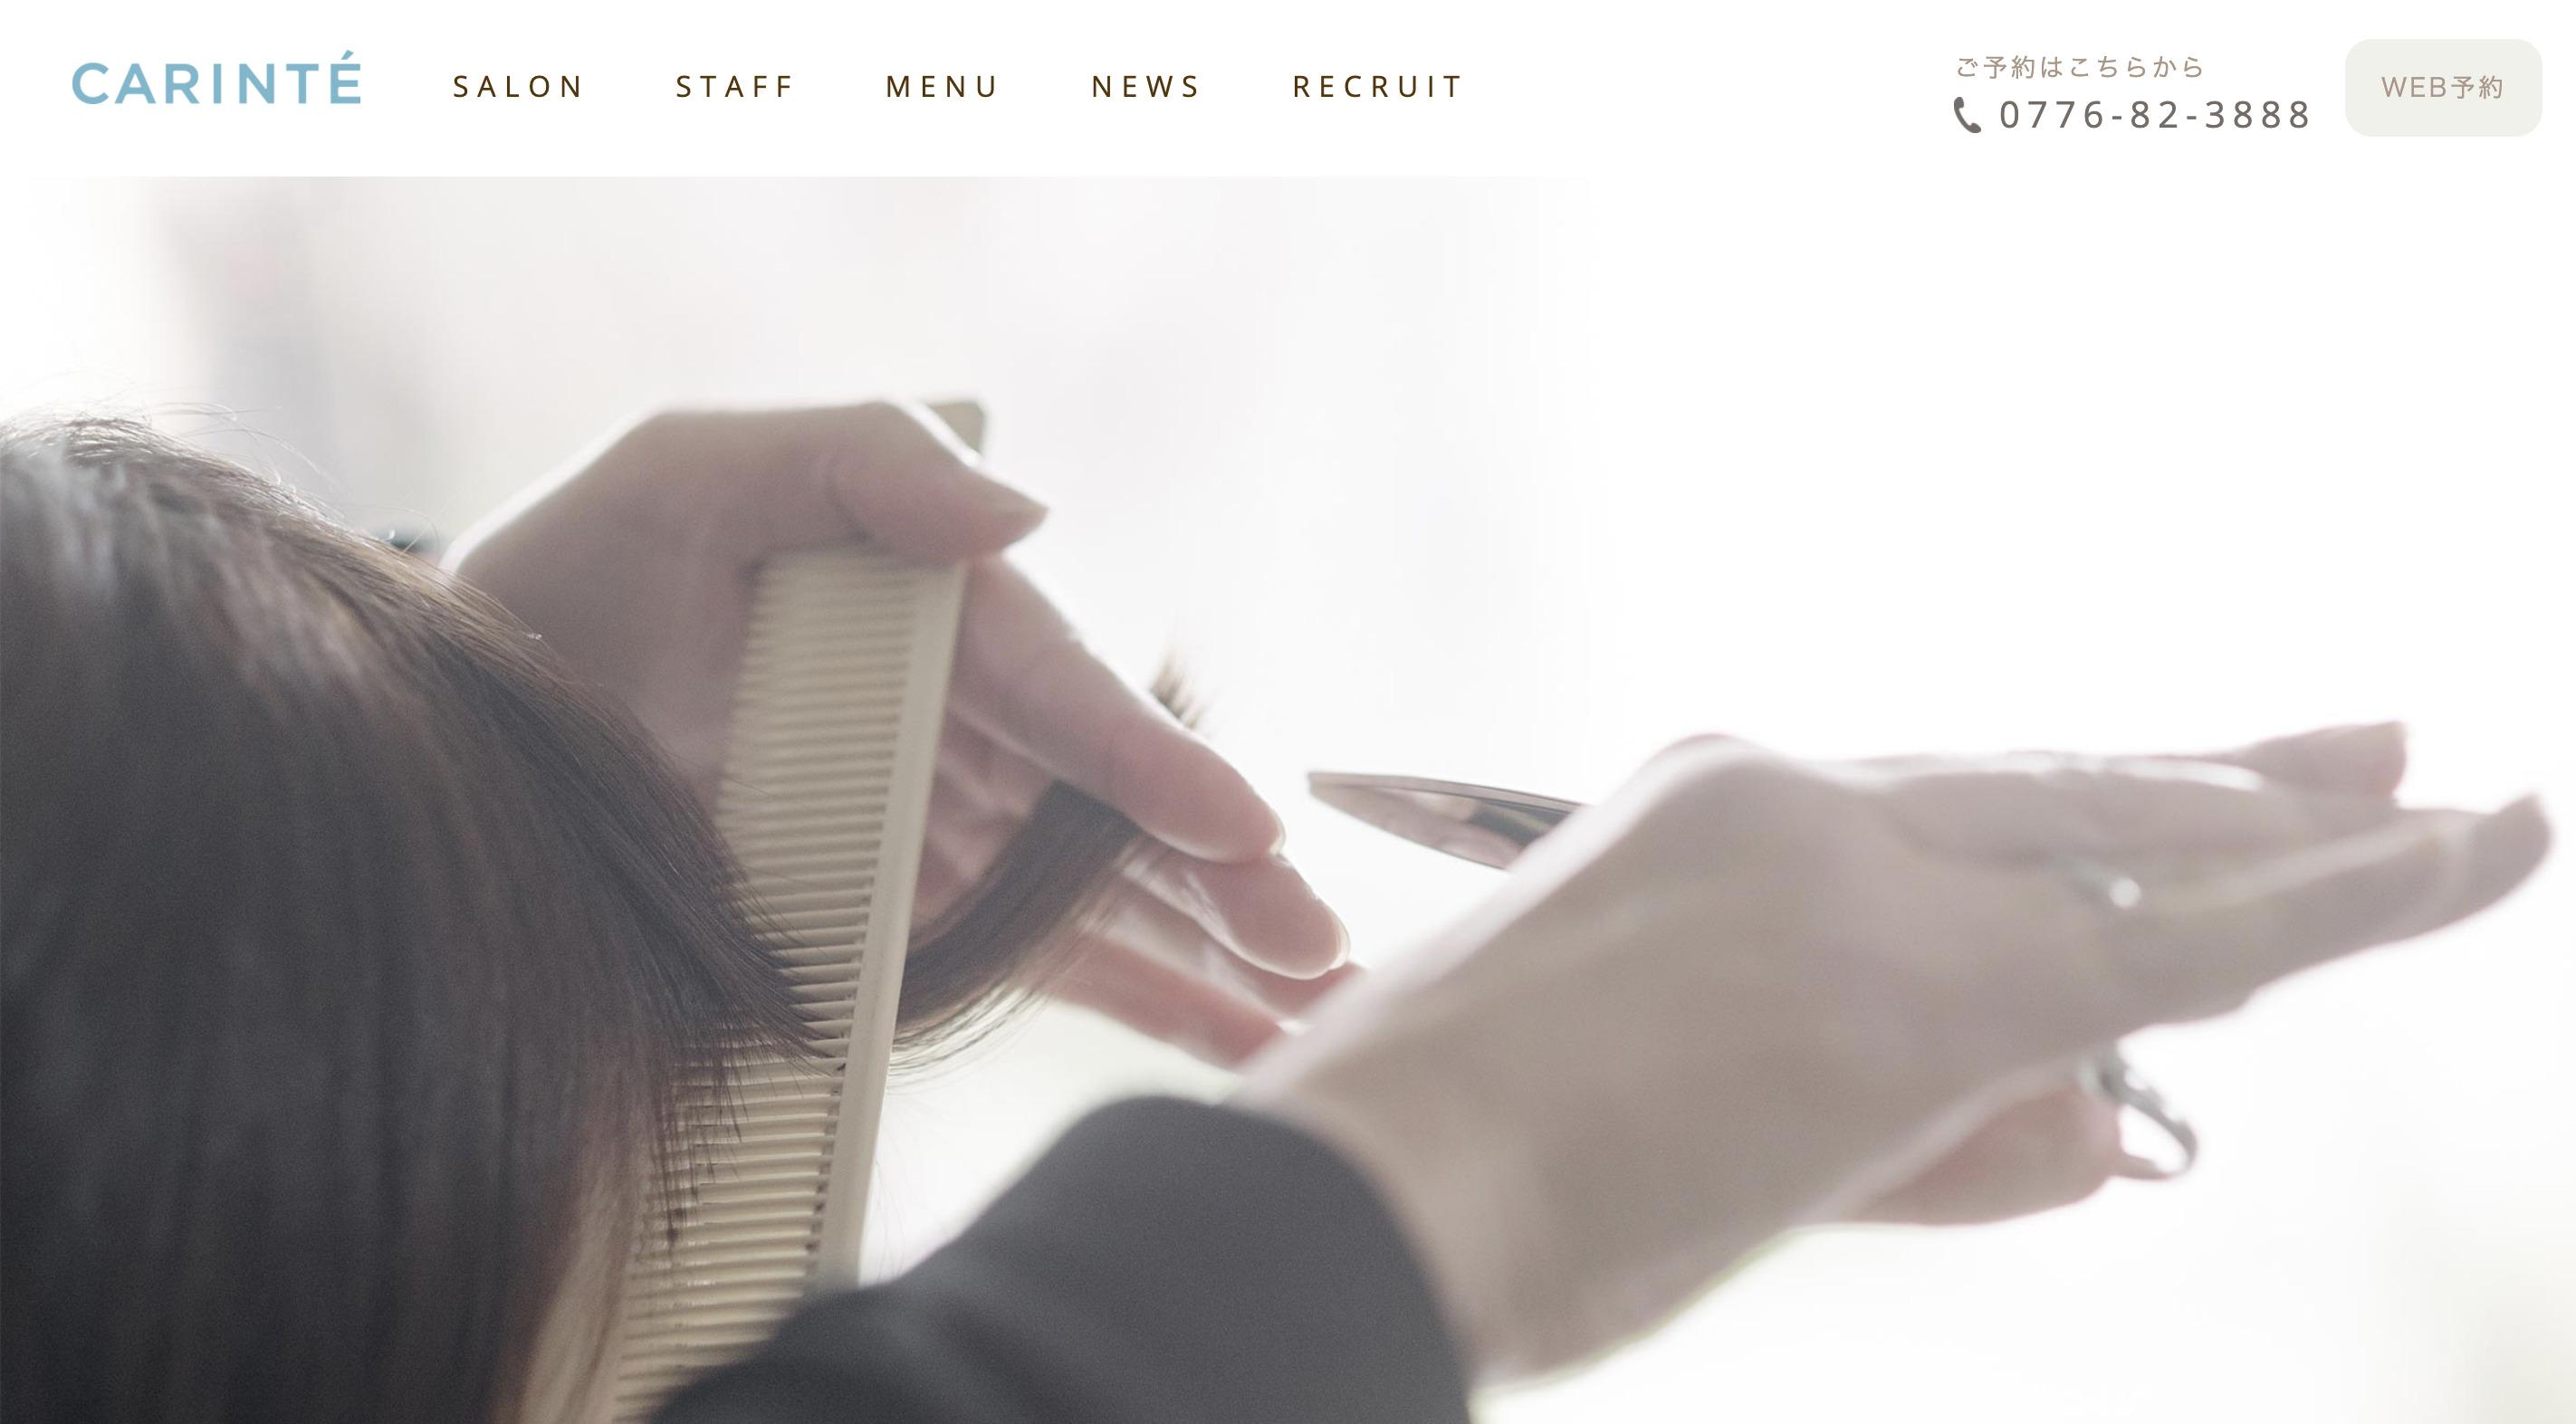 福井県のおすすめ美容・エステサロンのホームページ